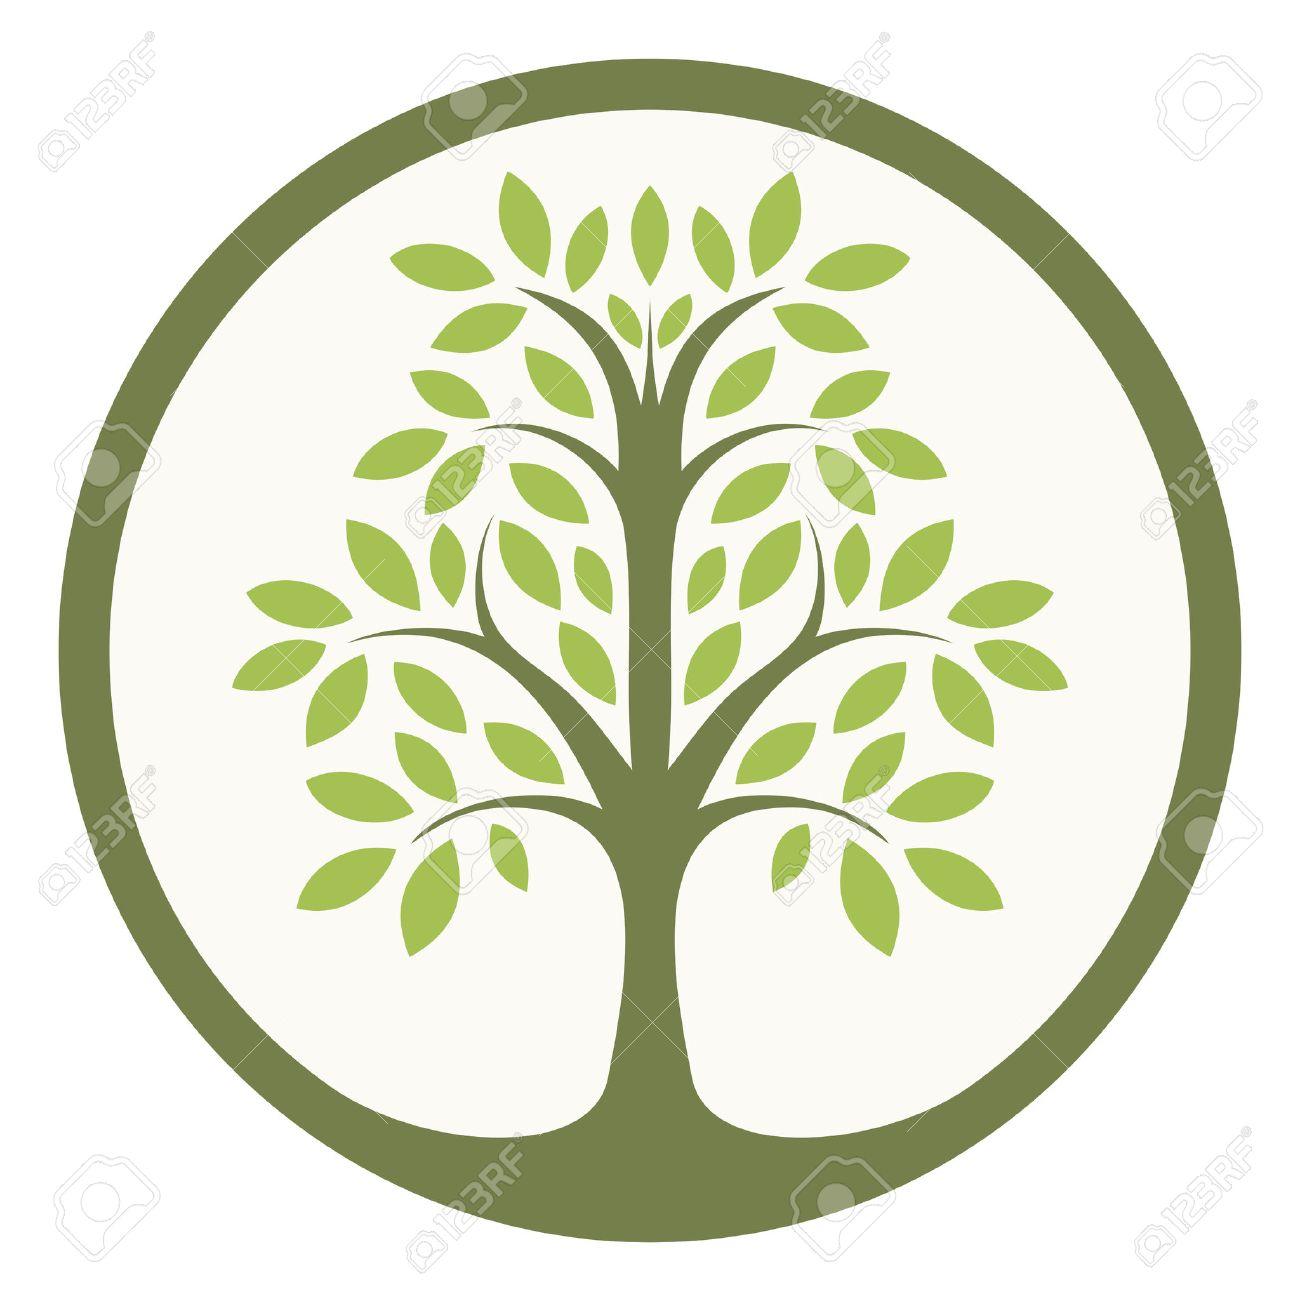 Grüner Baum Des Lebens In Einem Kreis Lizenzfrei Nutzbare